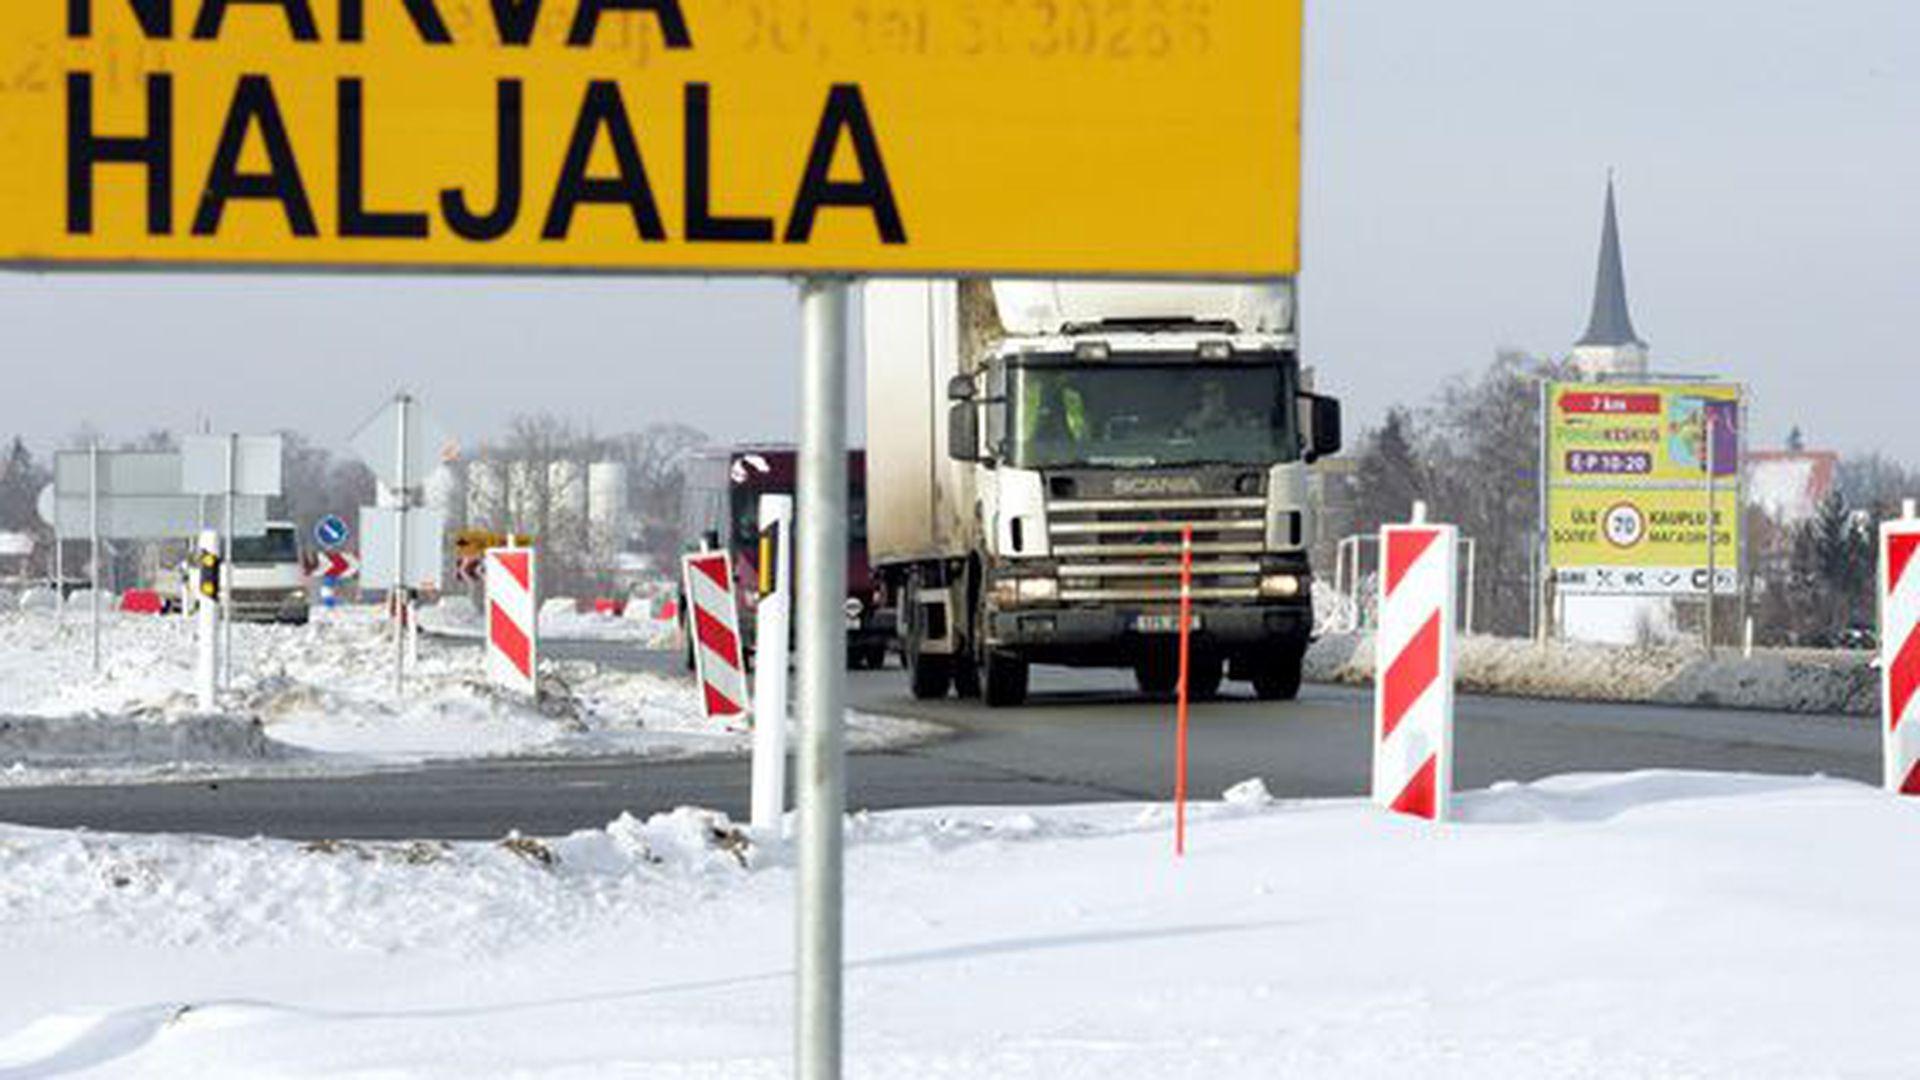 Haljala liiklussõlm paneb maa teenima